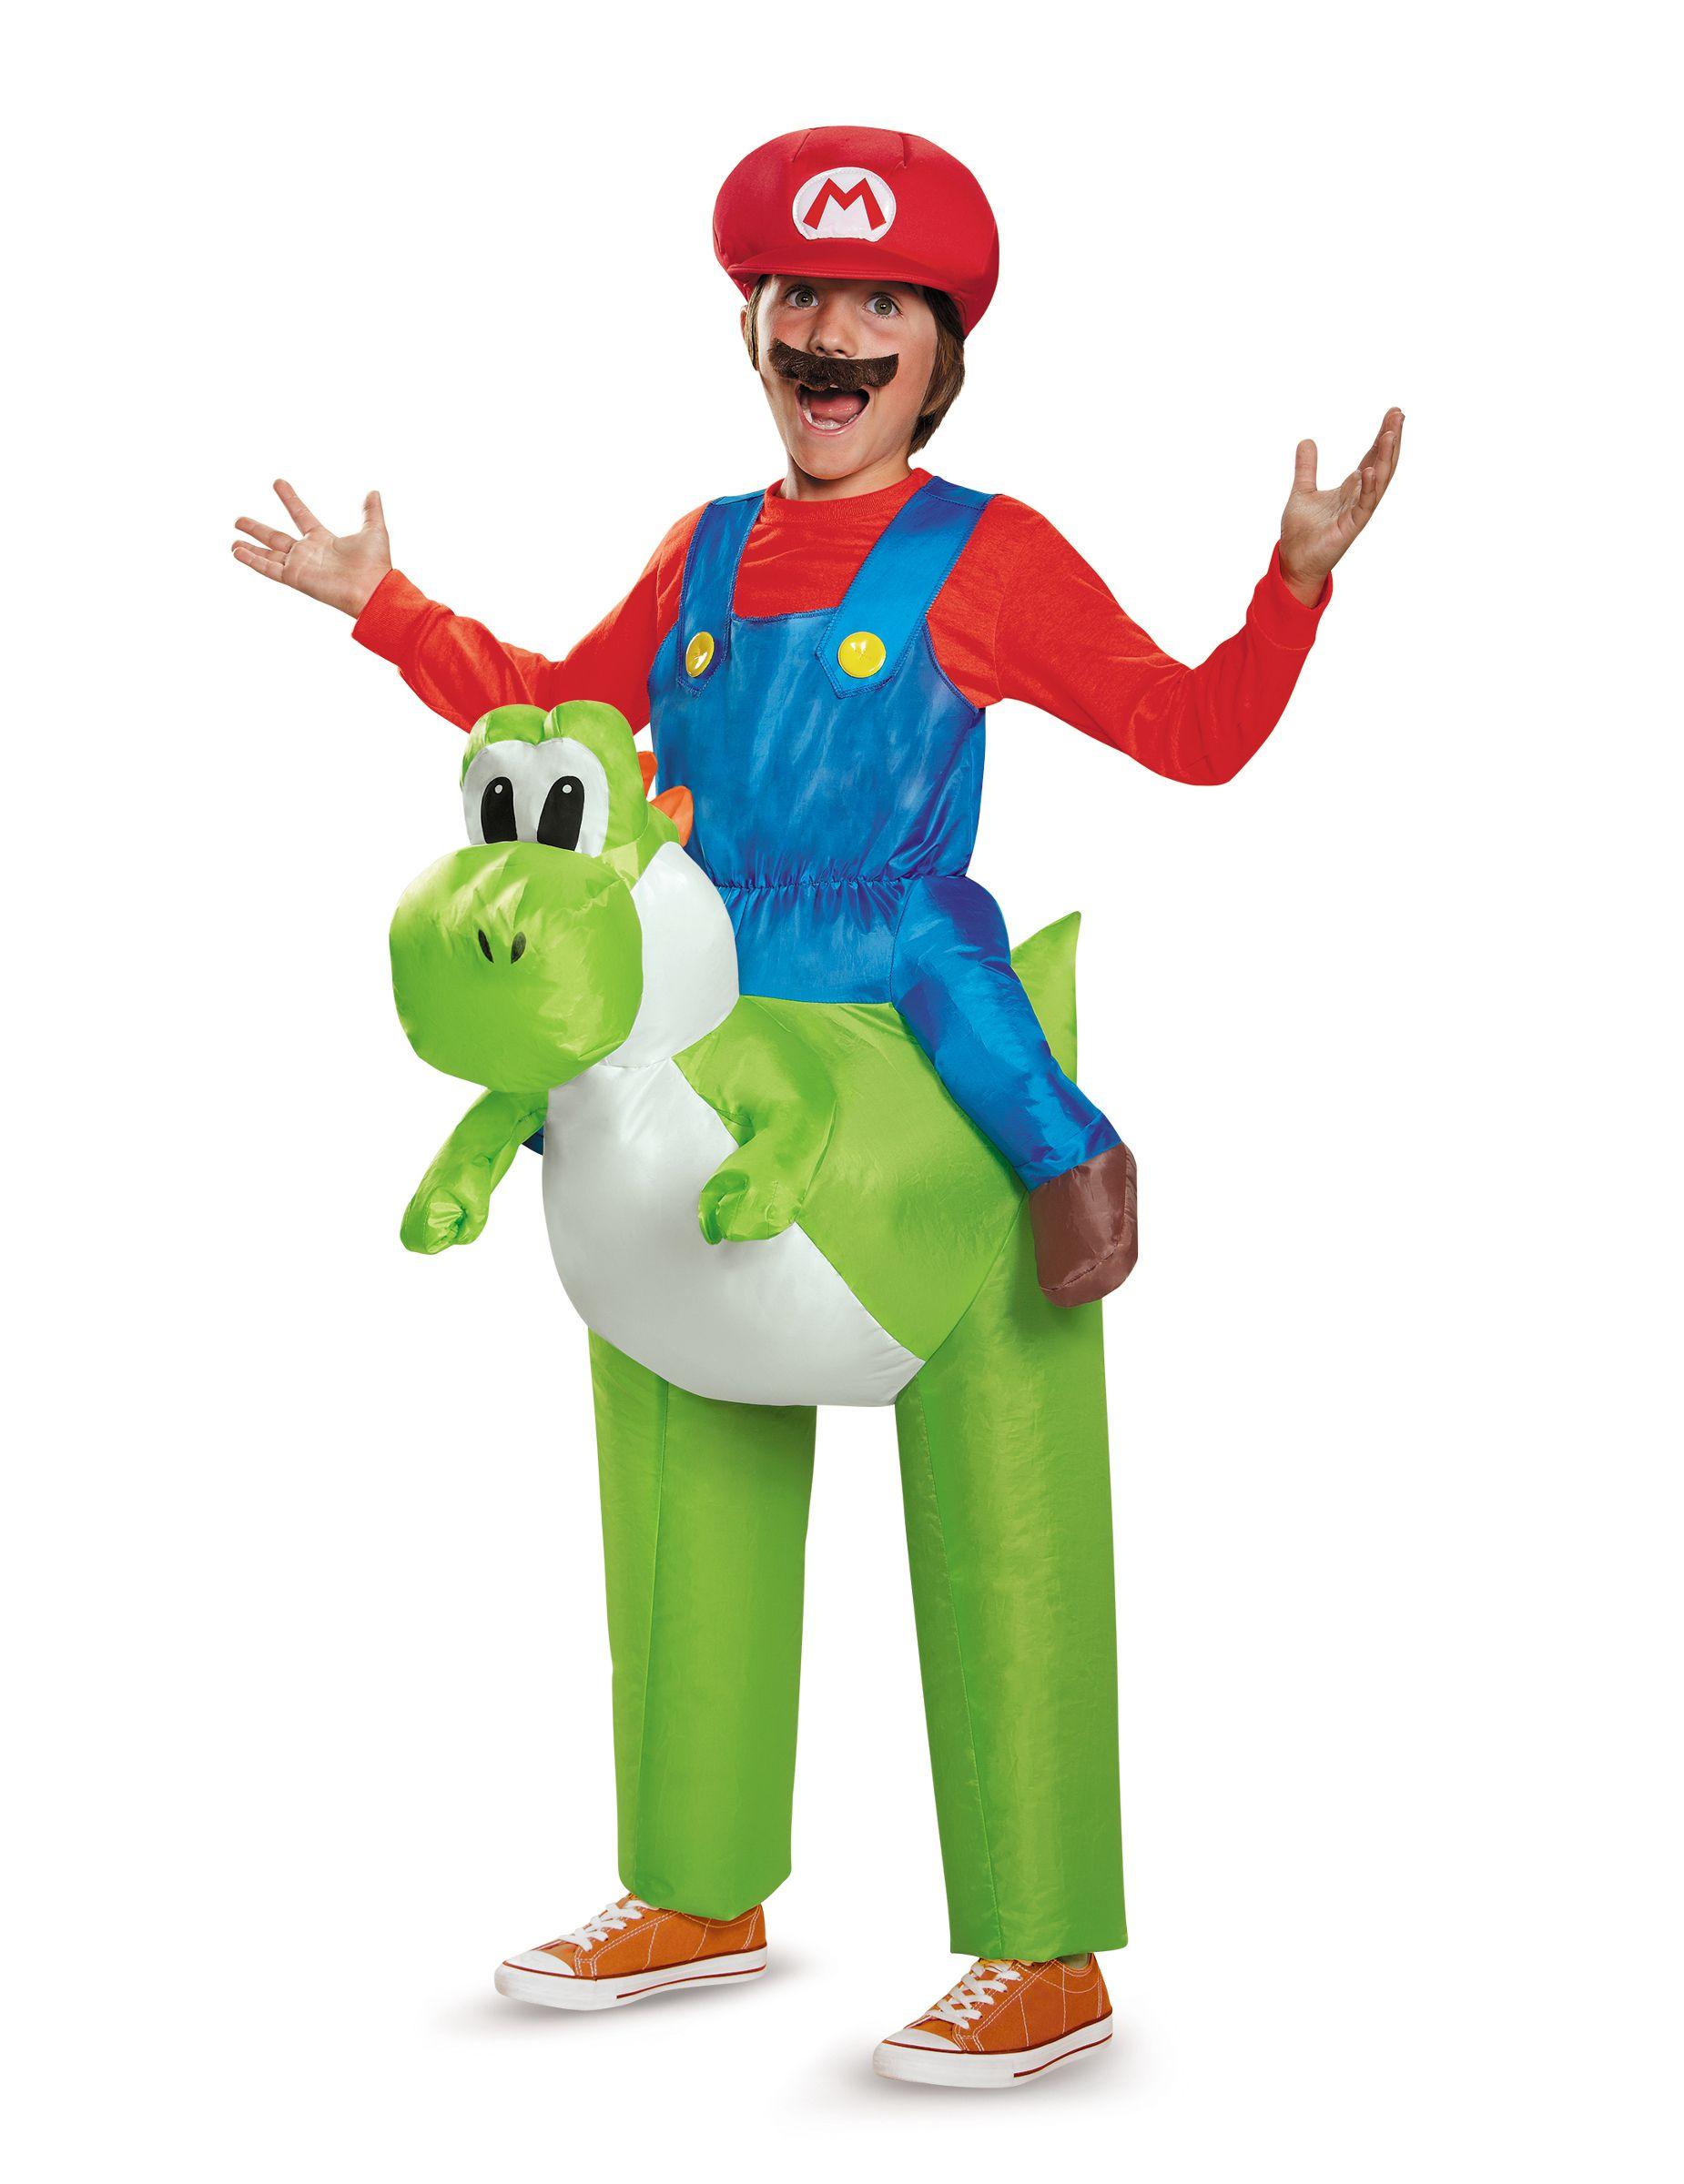 Yoshi Nintendo Carry Me Costume For Kids This Inflatable Yoshi